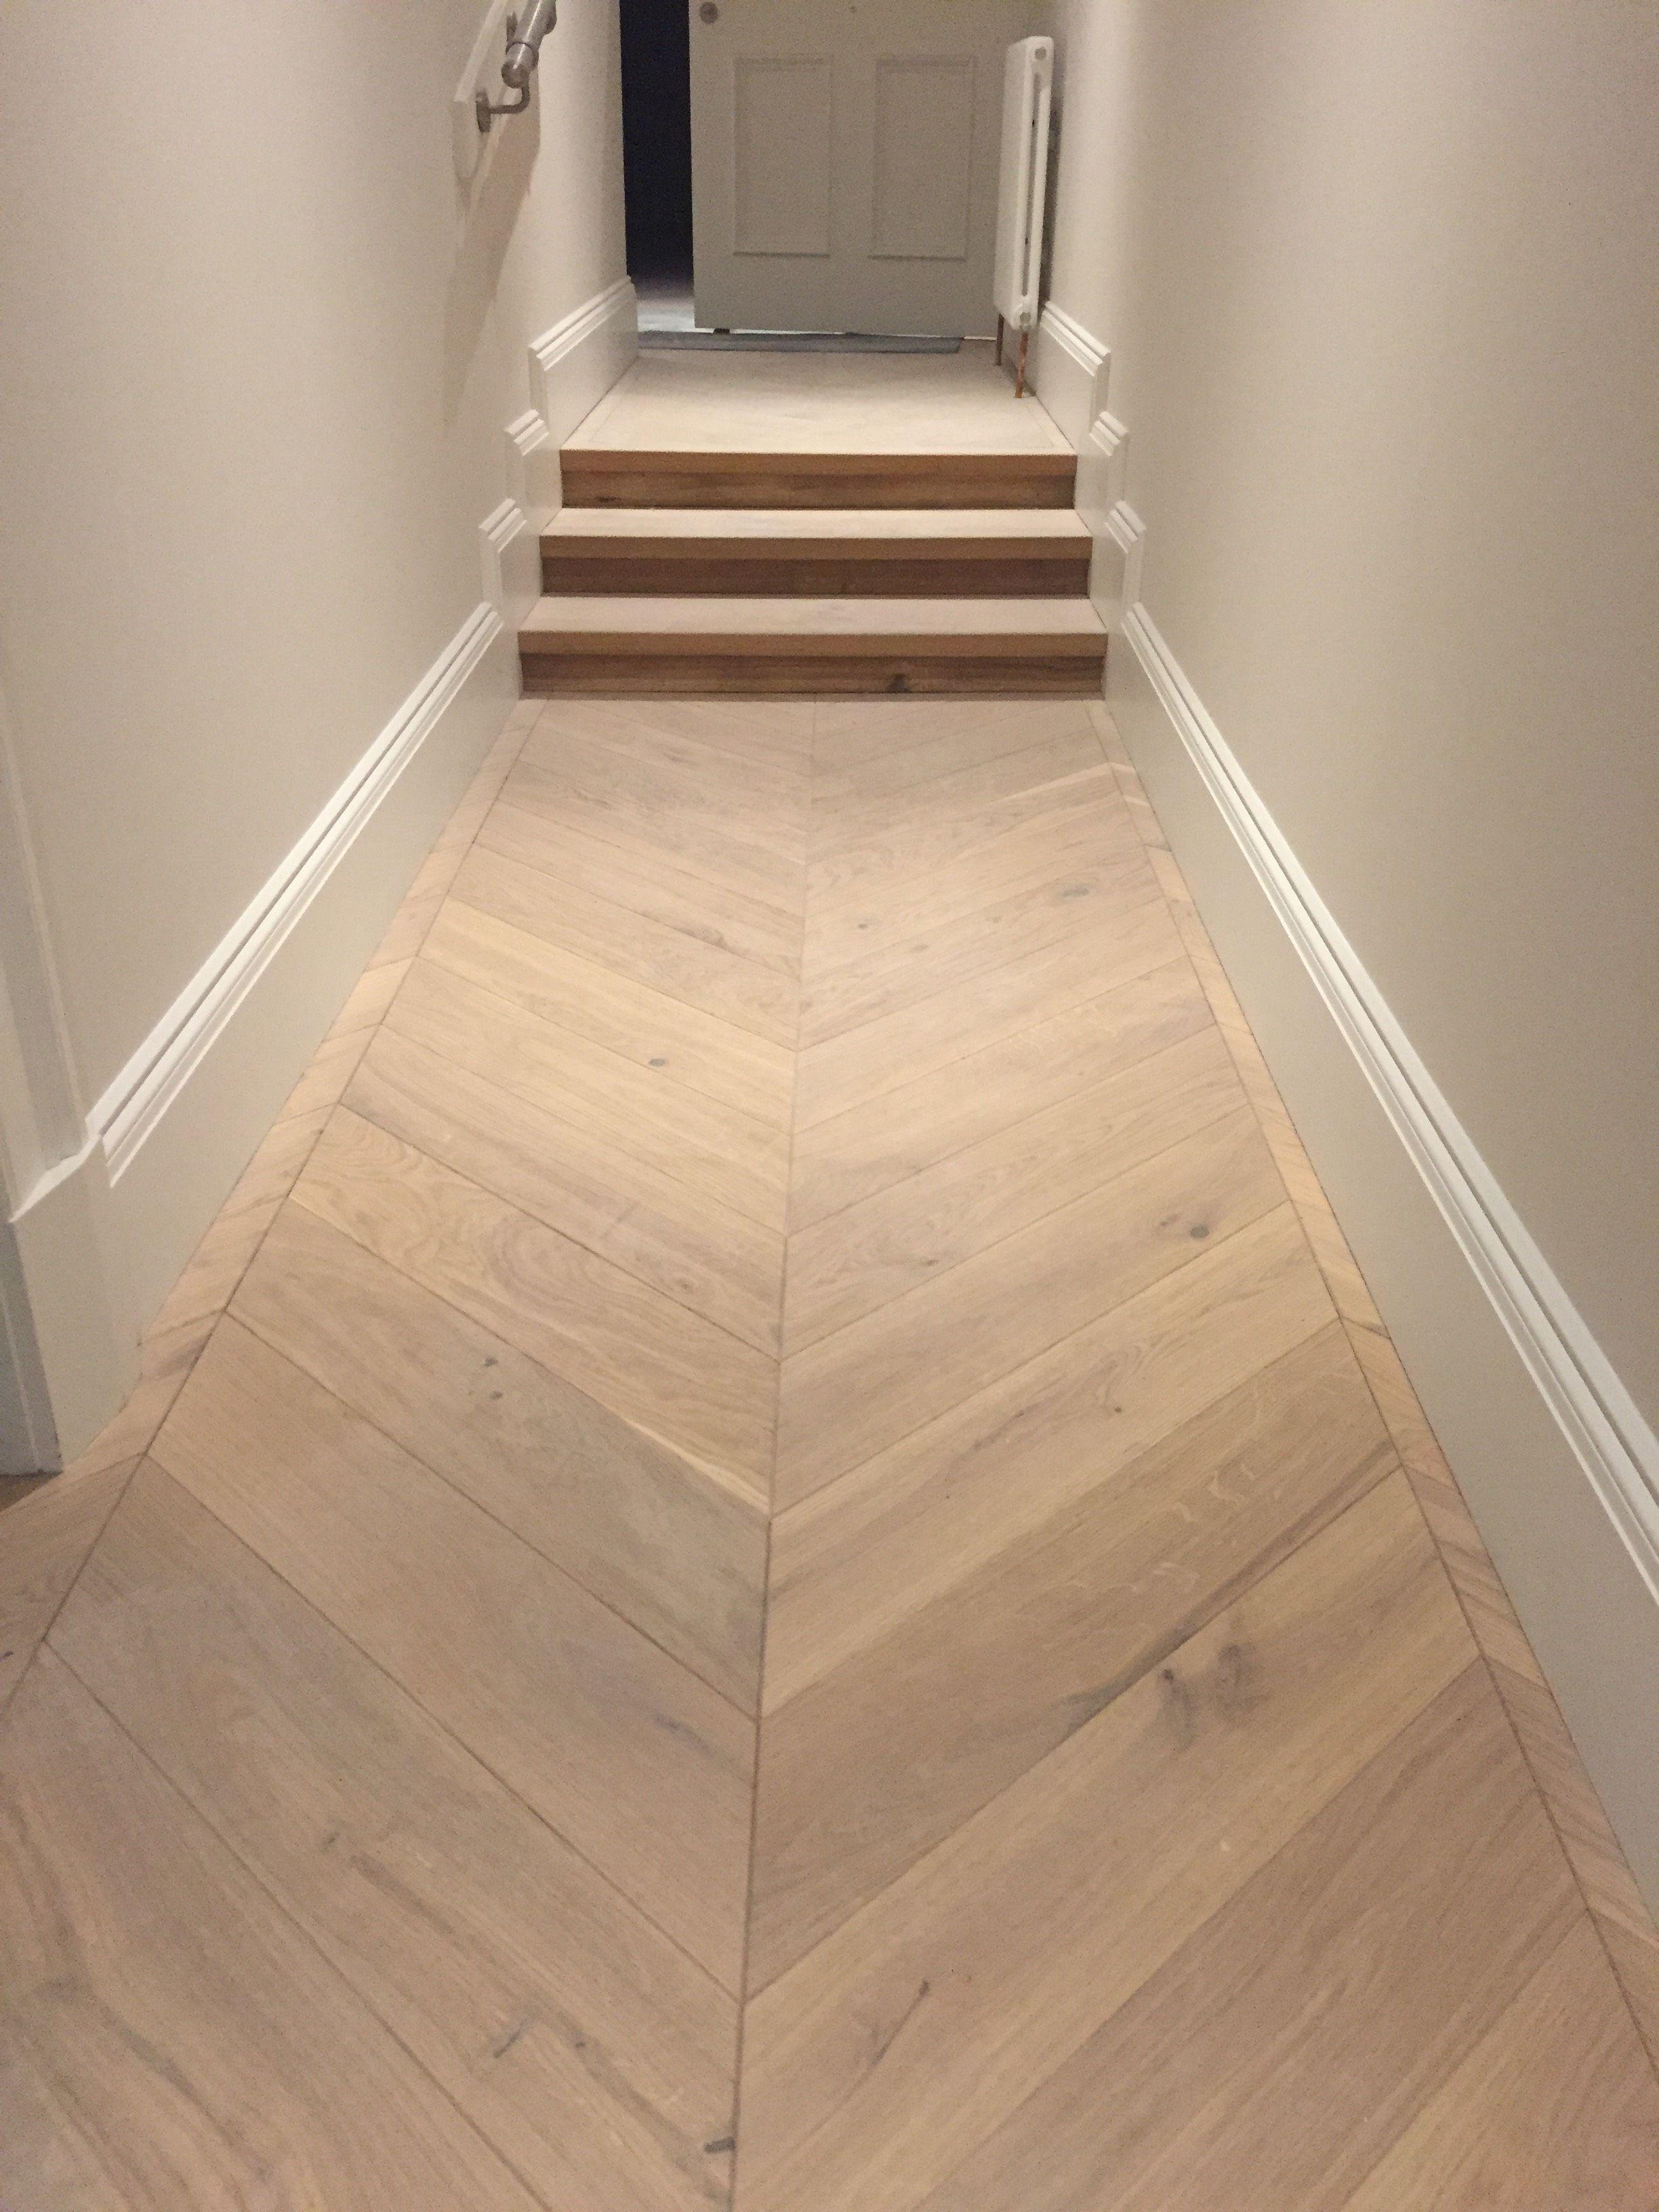 Engineered oak chevron parquet flooring in hallway wide for Hardwood flooring 8 wide